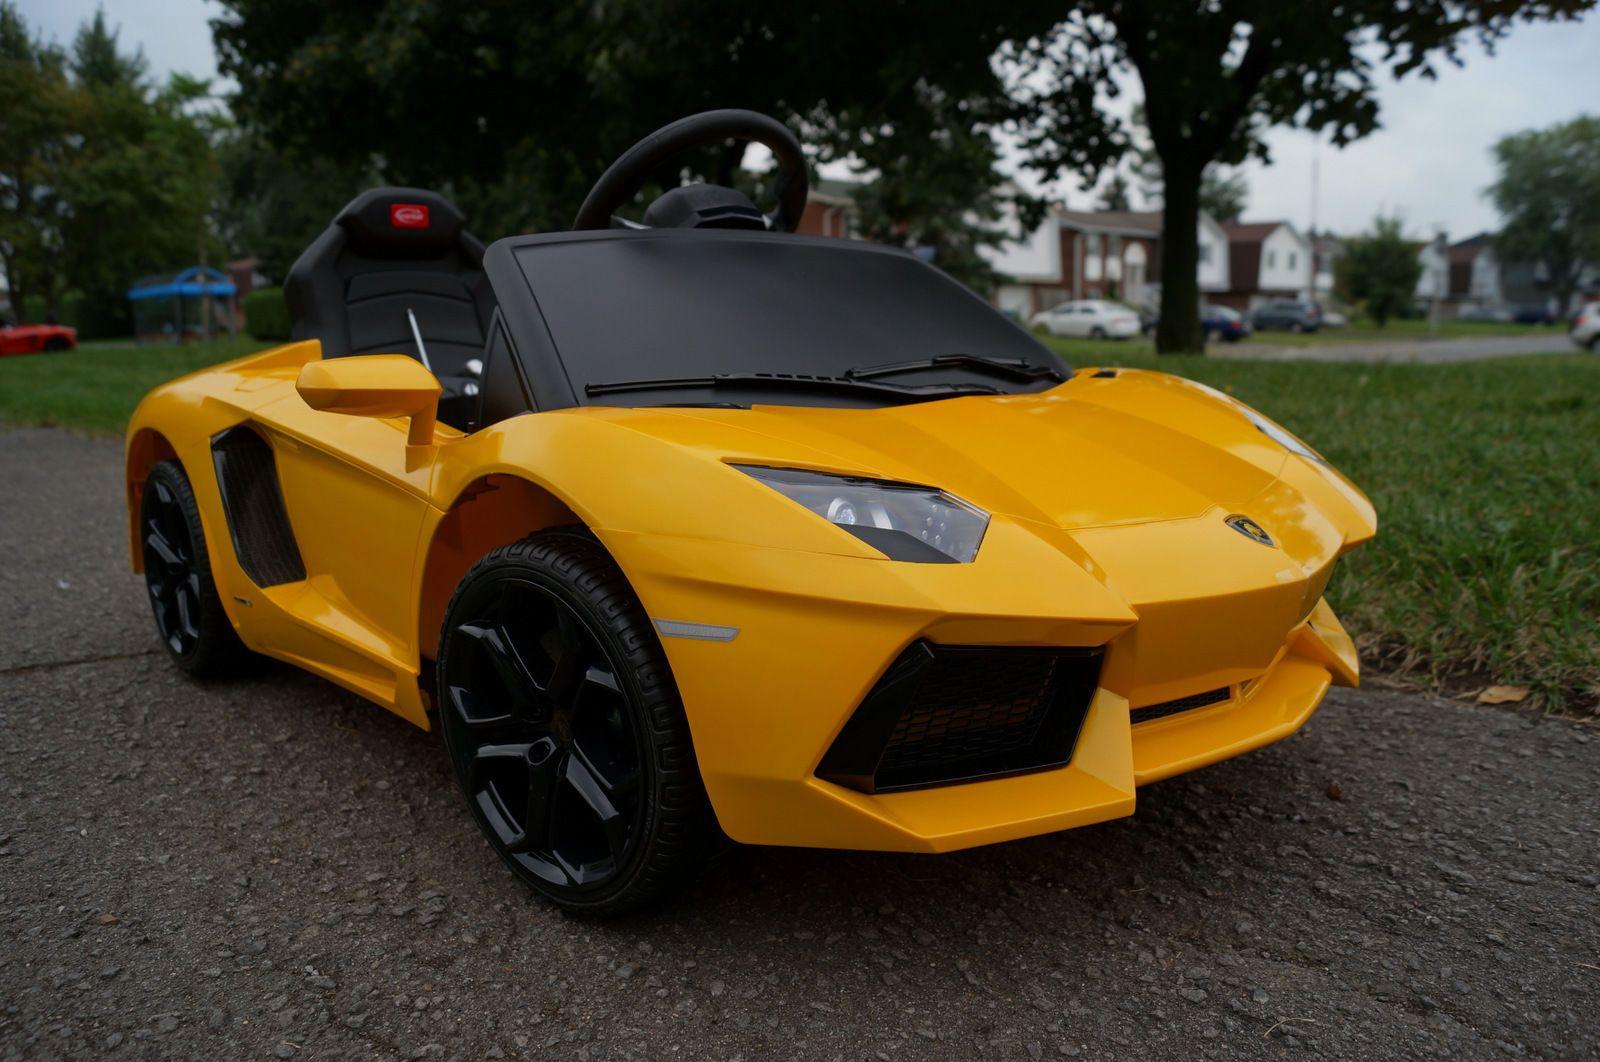 lamborghini aventador ride on toy car remote control battery